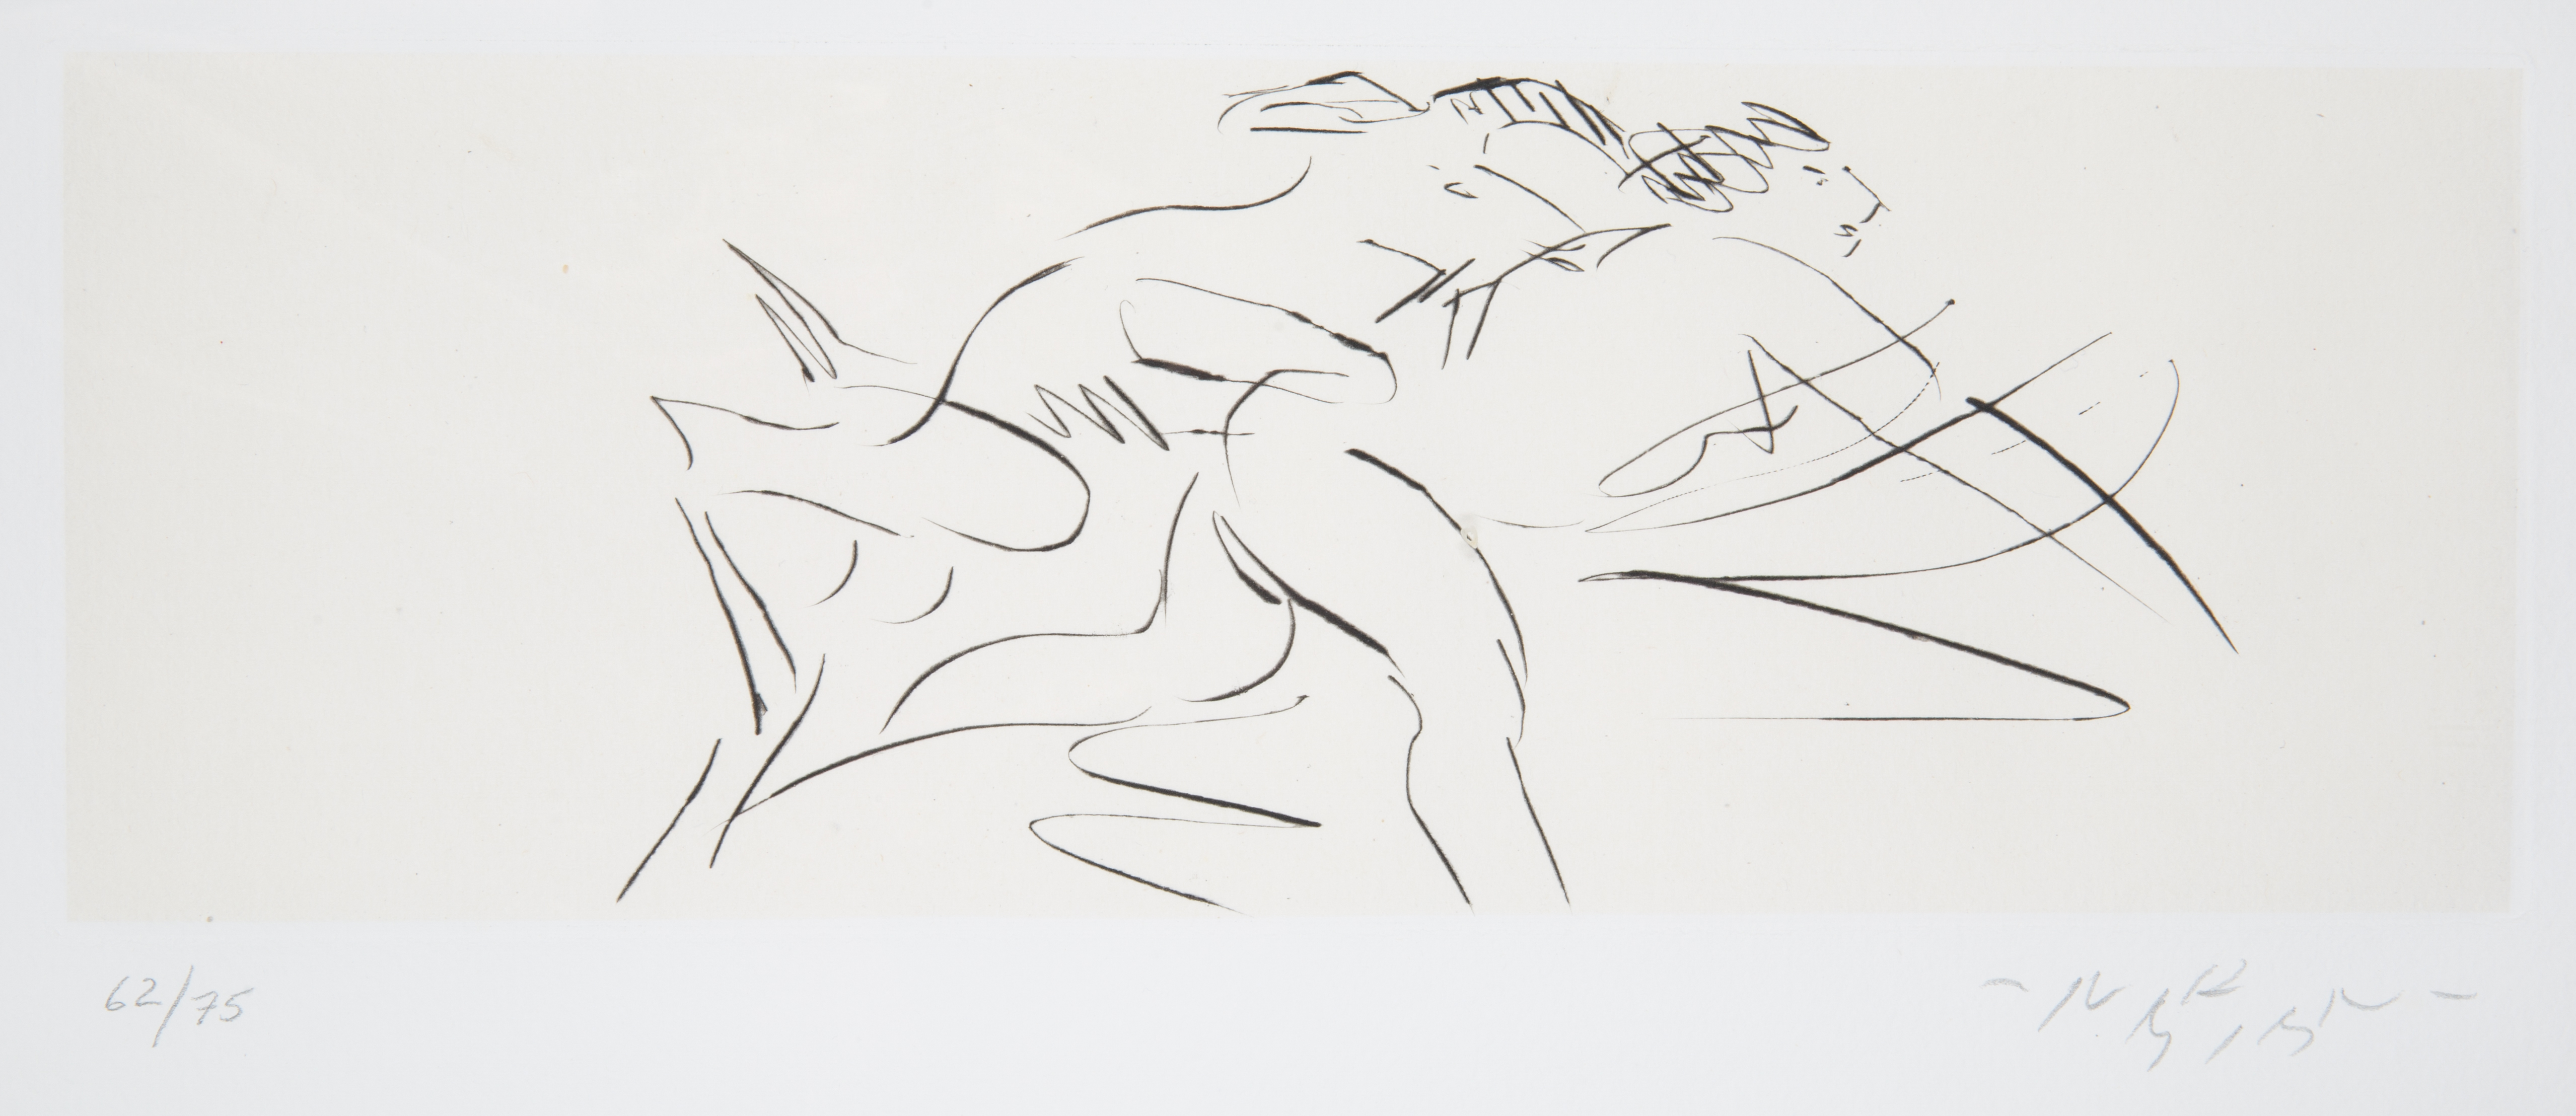 NINE ETCHINGS BY REUBEN NAKIAN (AMERICAN 1897-1986) - Image 14 of 18